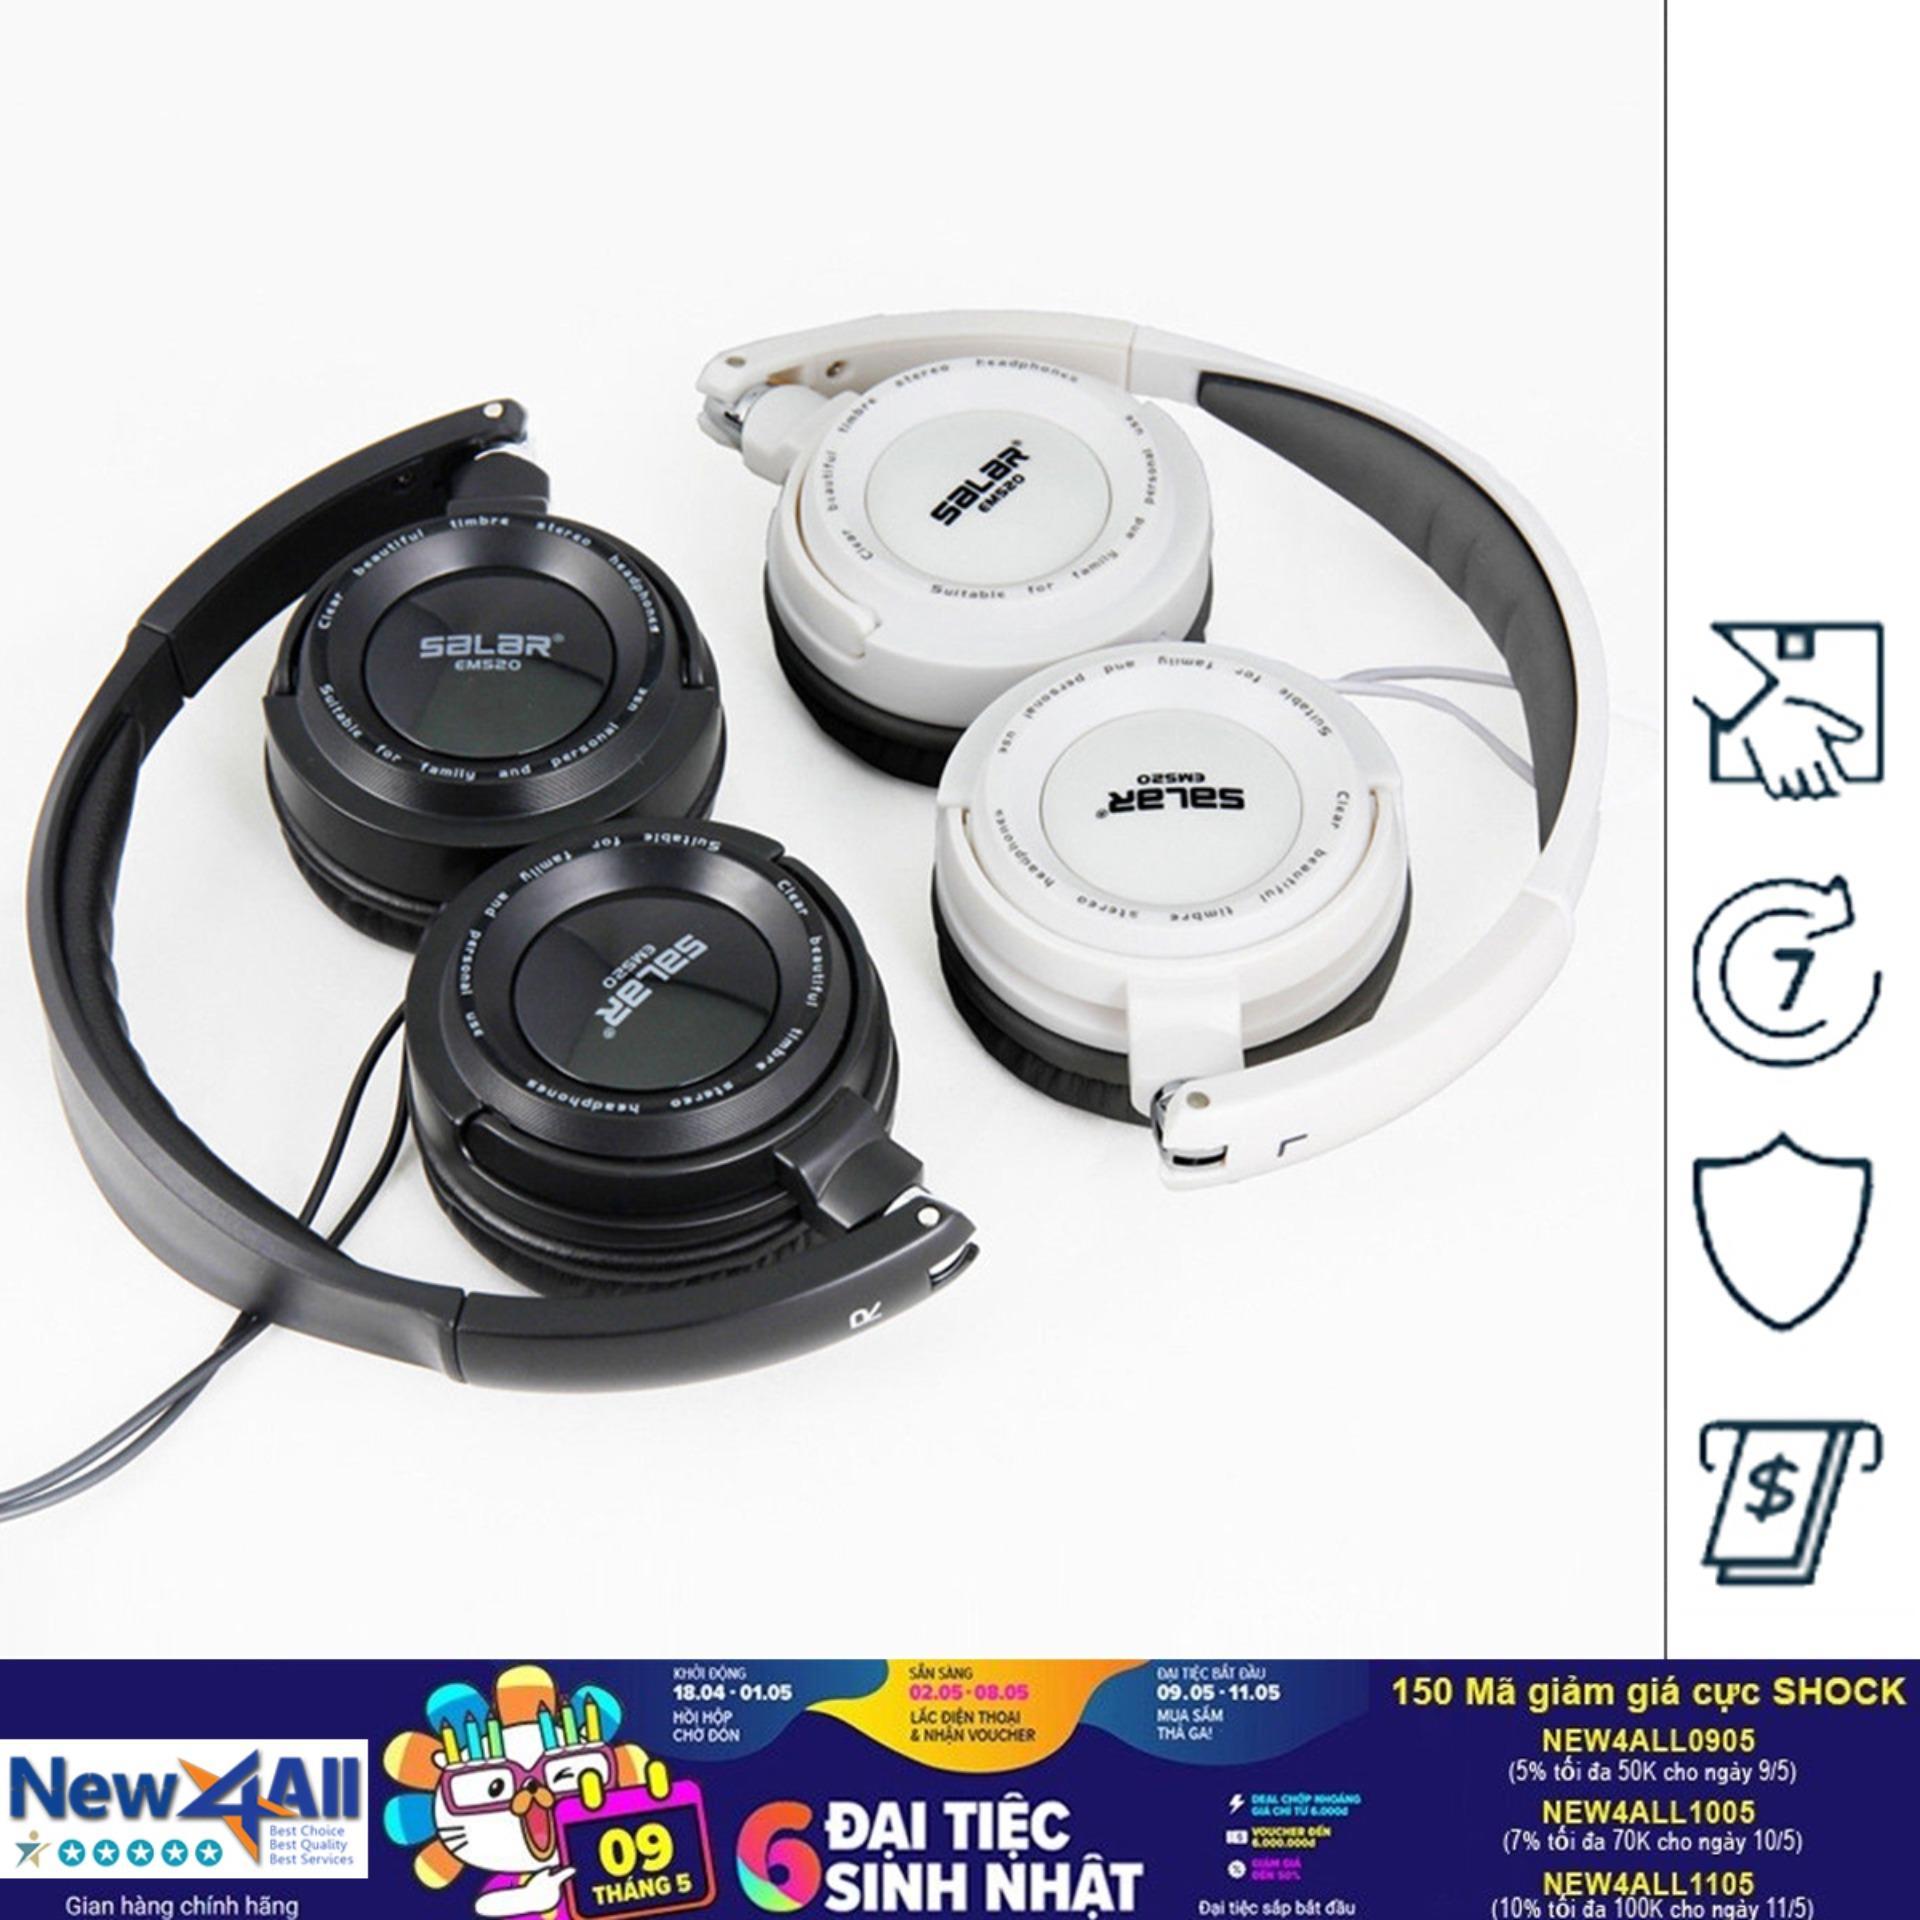 Bán Mua Tai Nghe Over Ear Salar Em520 Gaming Headphone Trắng Đen Hồ Chí Minh